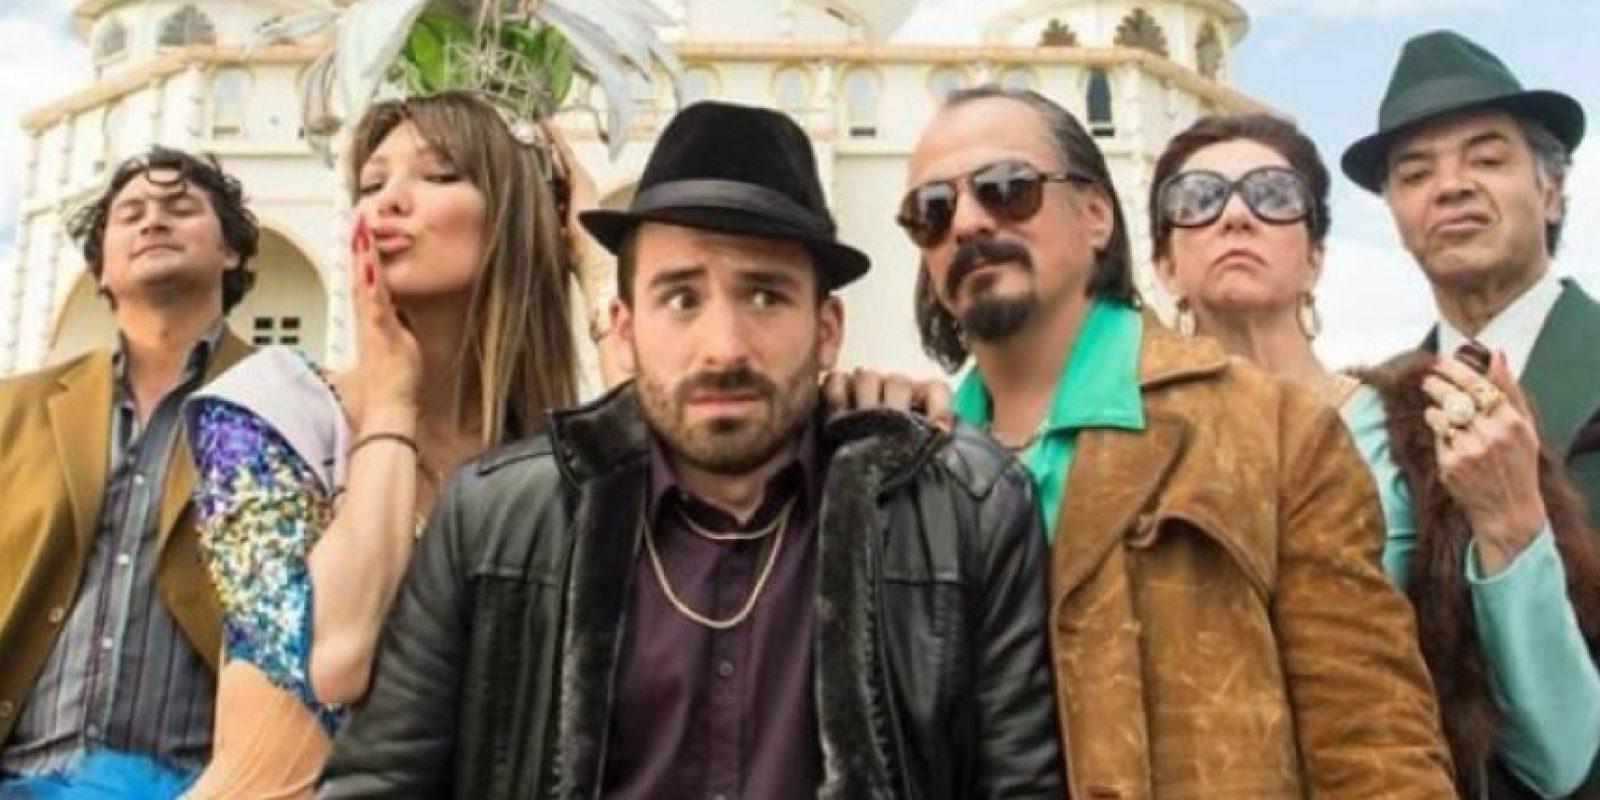 El actor participó recientemente en la película 'El cartel de la papa' Foto:Canal RCN